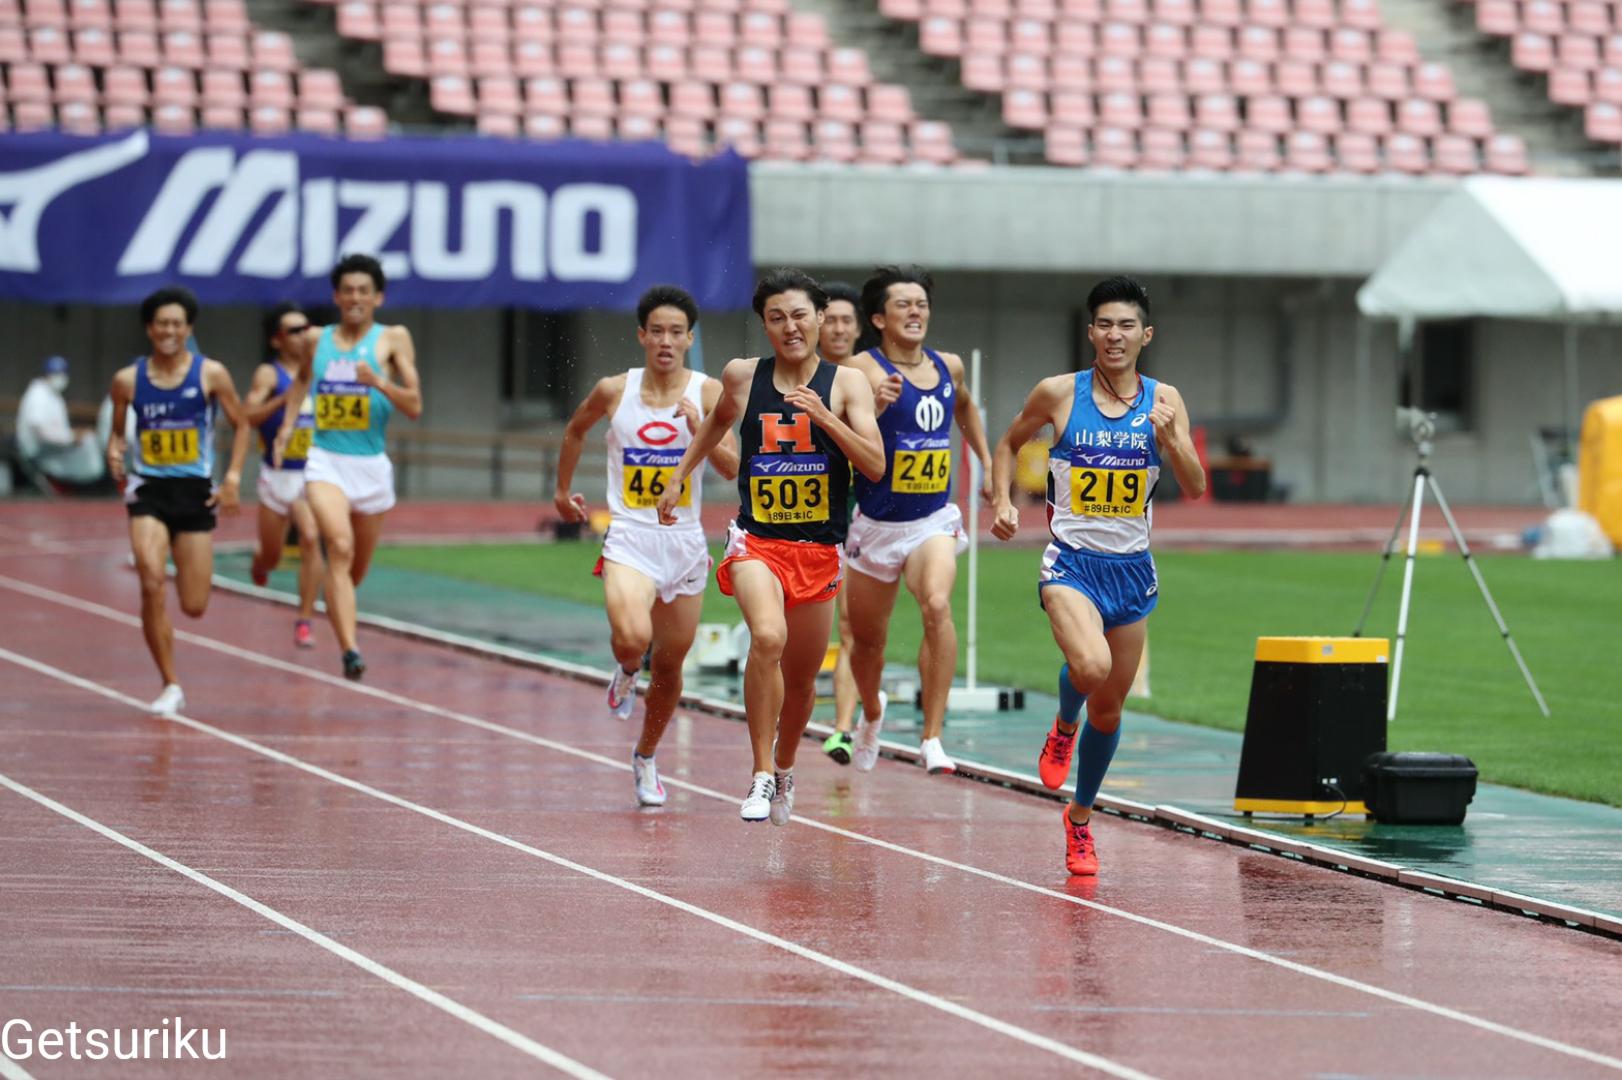 【800m】法大・松本が1分47秒02!学生歴代4位/日本IC